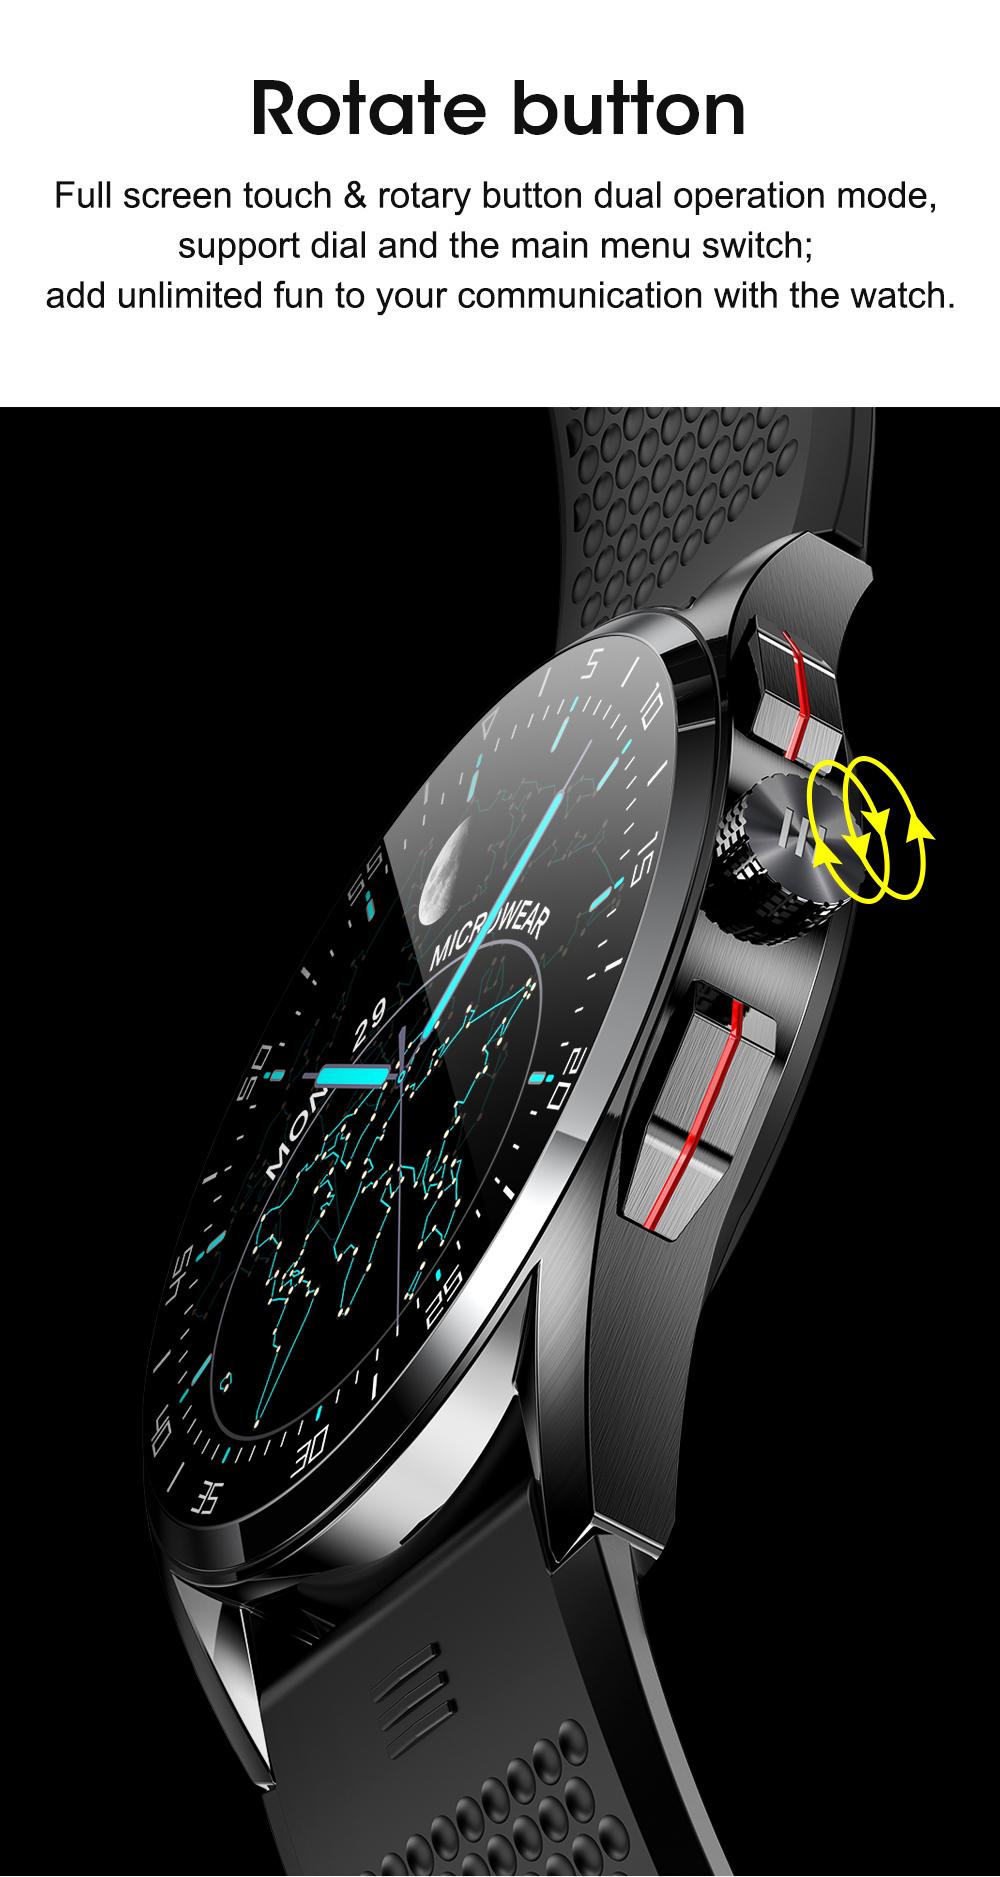 M3 Smart Watch Description-4